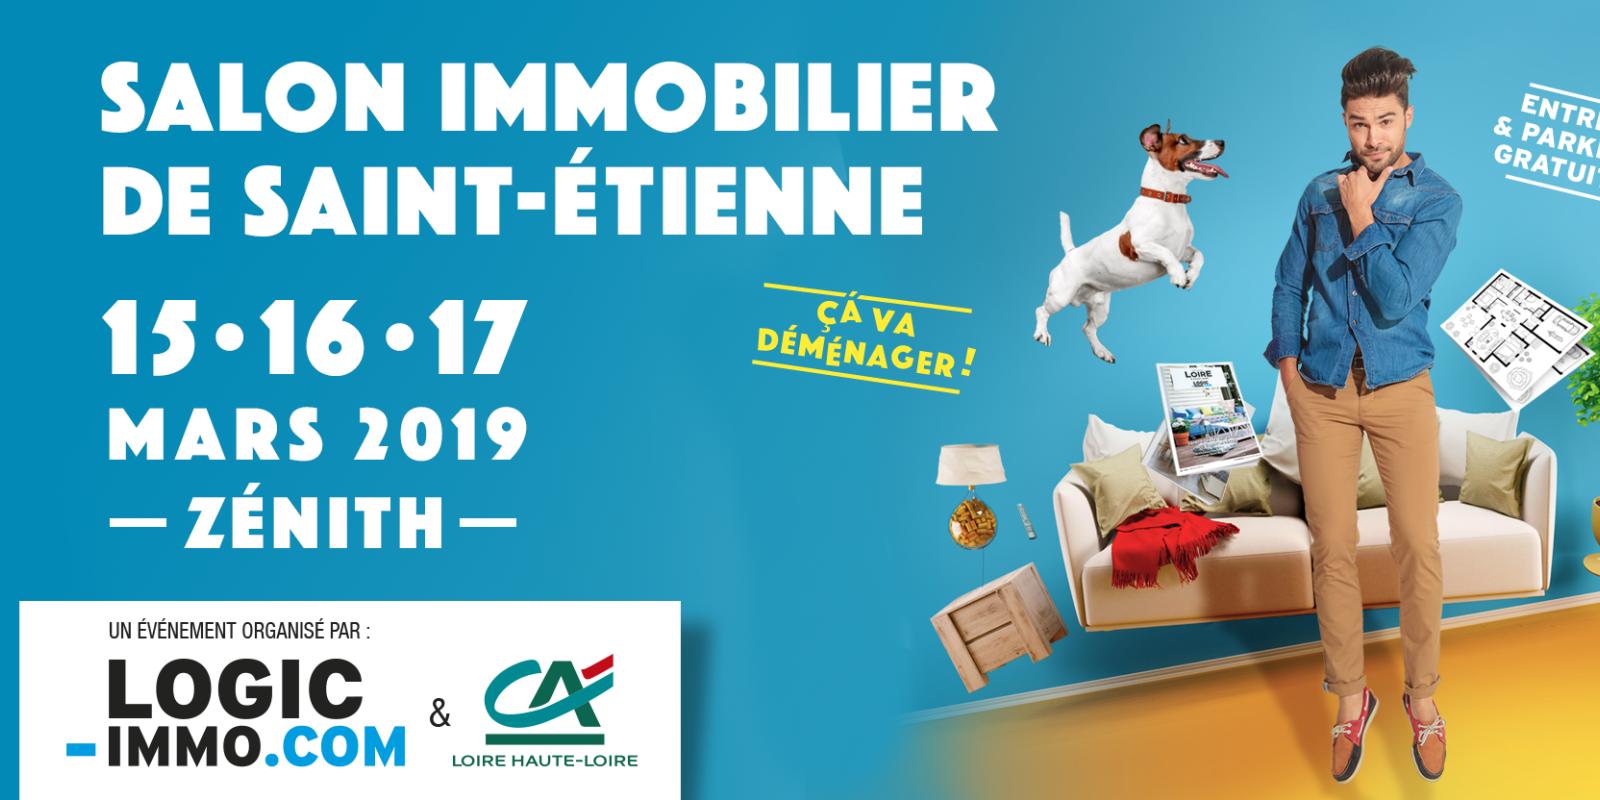 Salon Immobilier Saint-Etienne